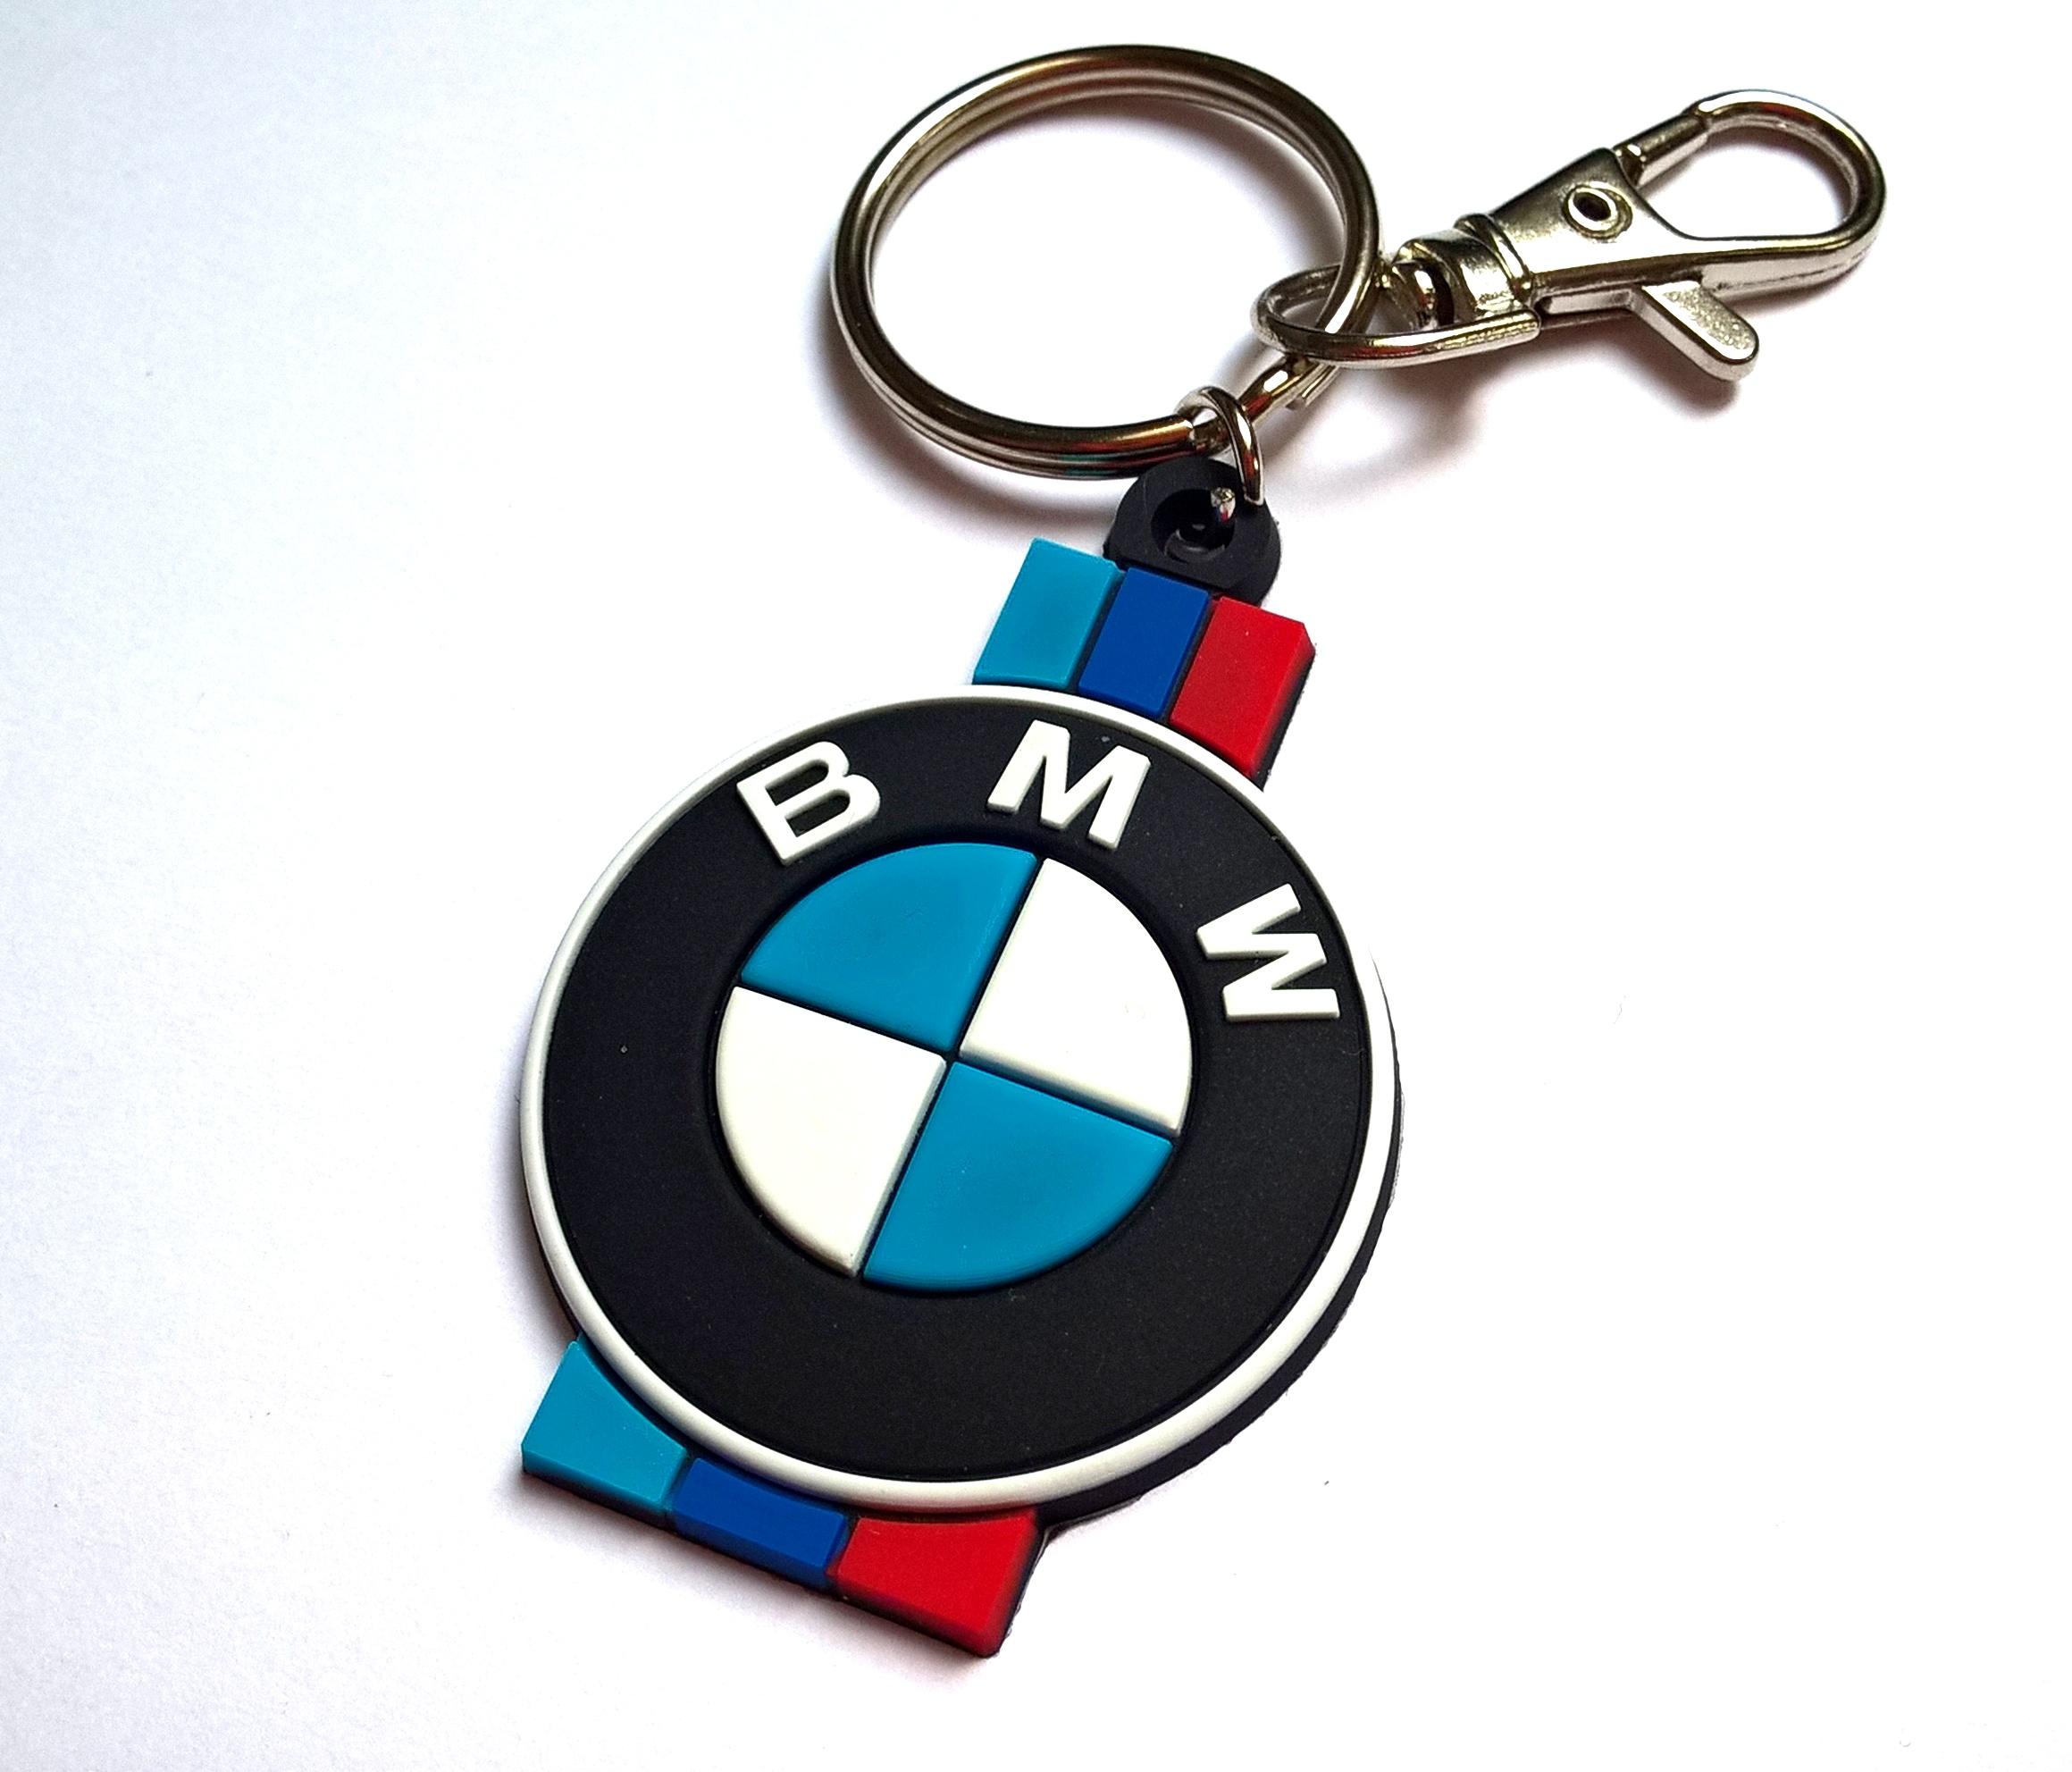 Brelok BMW do kluczy gumowy breloczek e36 e39 2 st